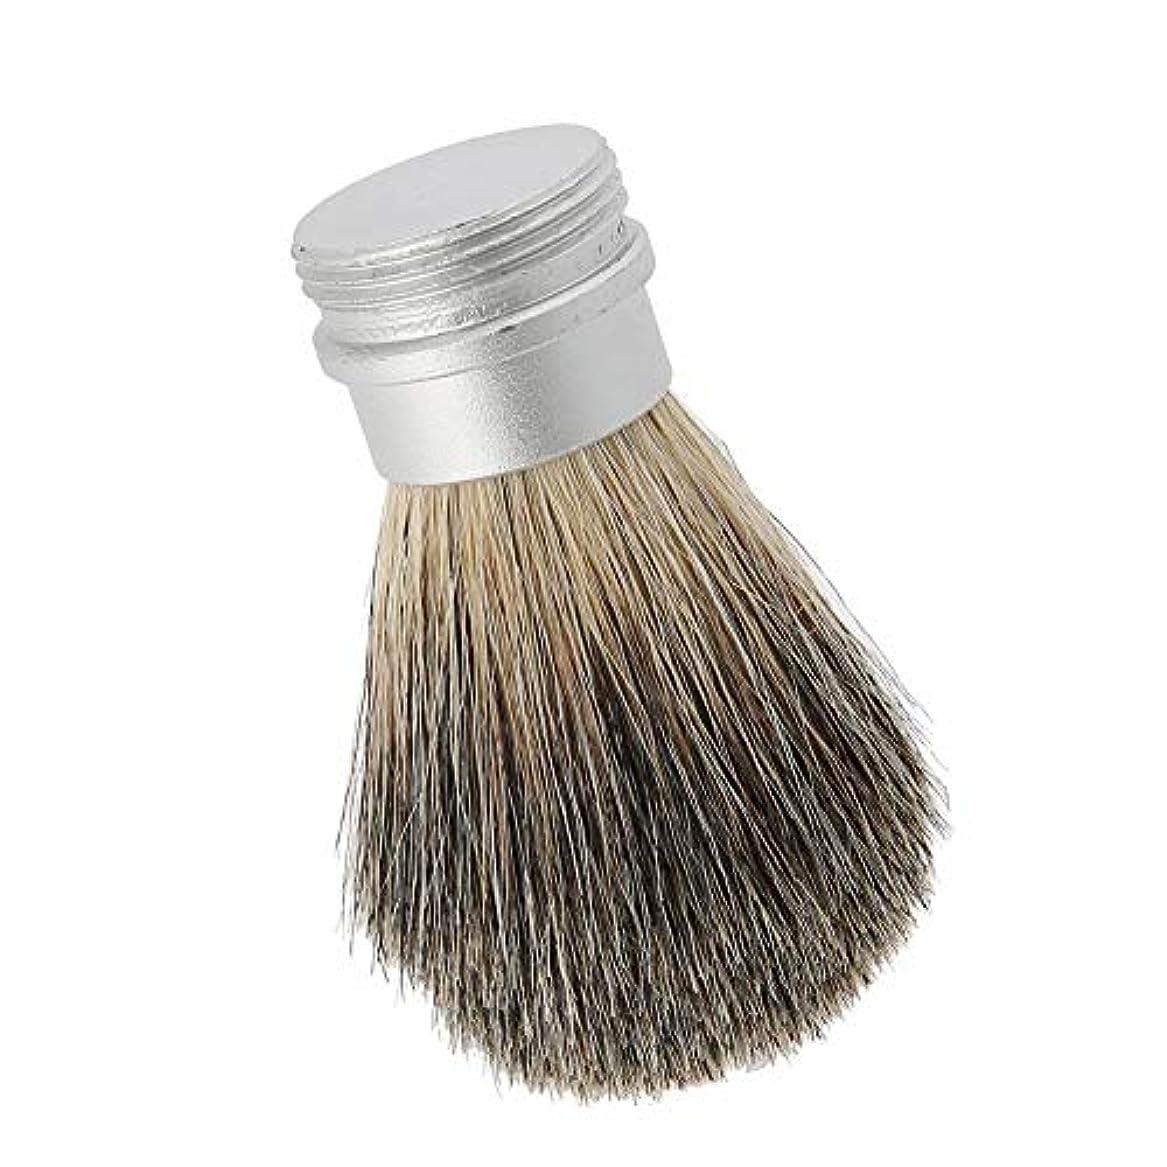 ブリーフケース衝突最愛のひげブラシひげ剃りツールポータブルひげブラシ男性のための最高のヘアブラシ口ひげブラシ